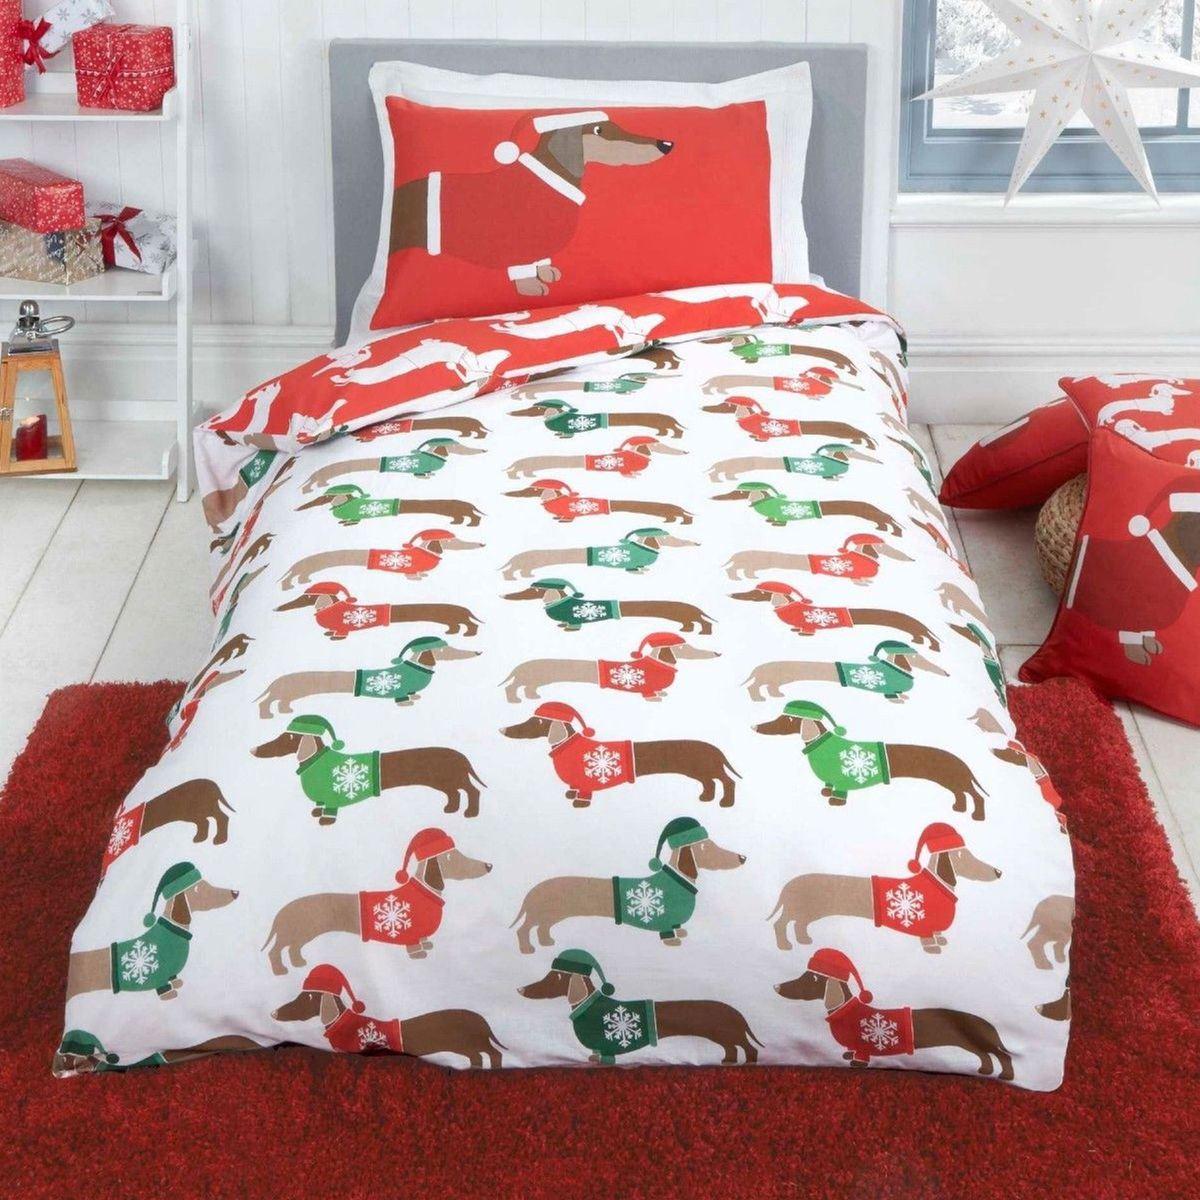 Indexbild 78 - Kinder Weihnachten Bettbezug Sets - Junior Einzel Doppel King - Elf Emoji Grinch